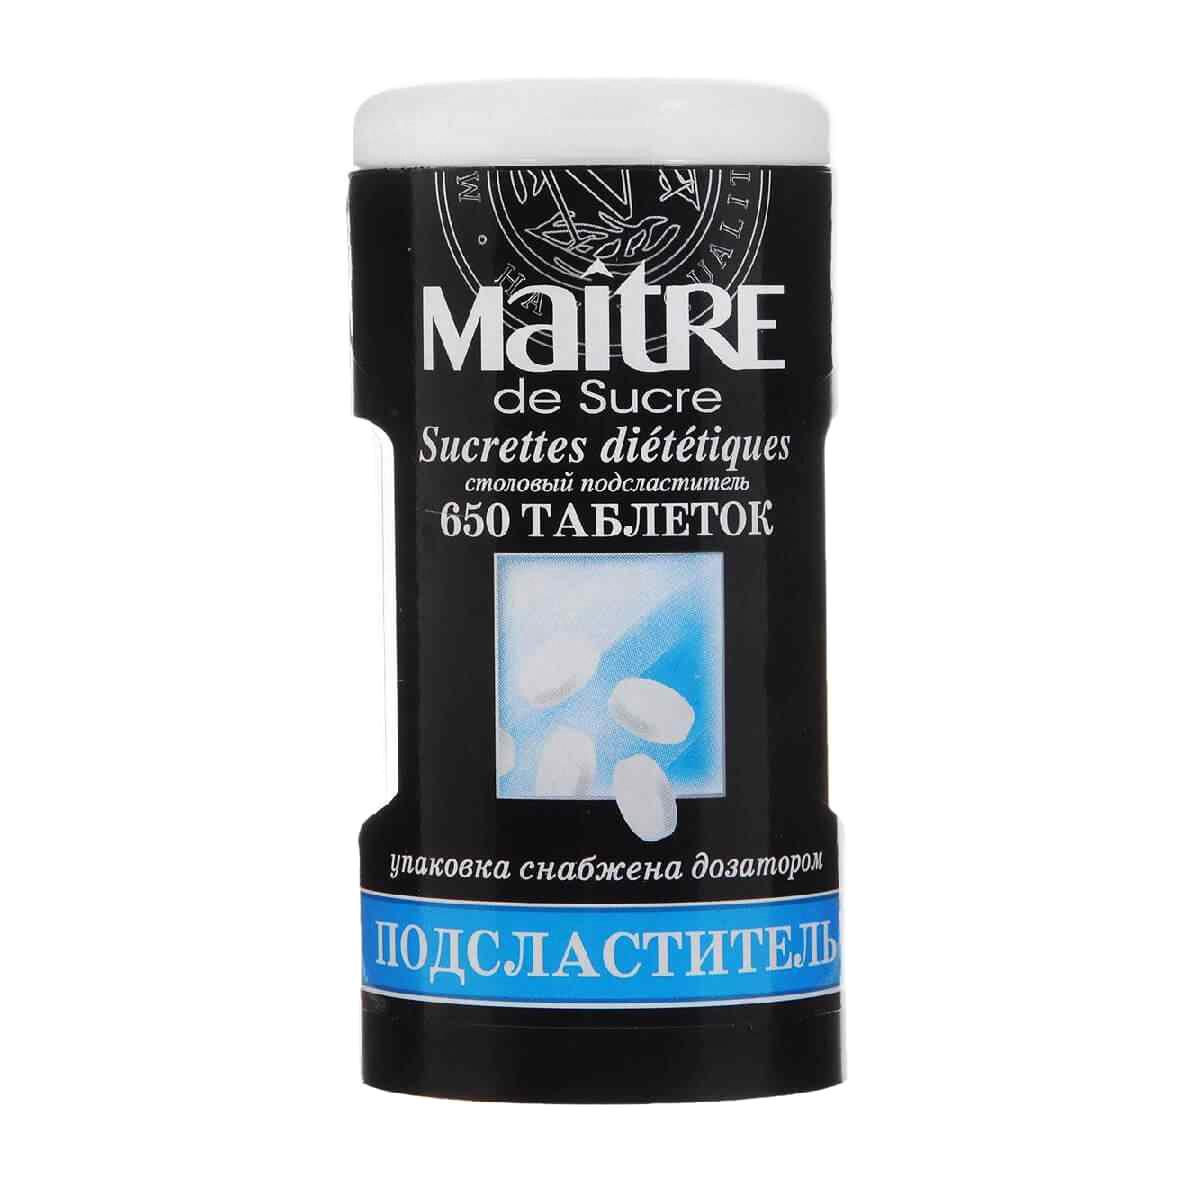 Подсластитель Maitre de Sucre 650 шт huxol подсластитель таблетки 650 шт